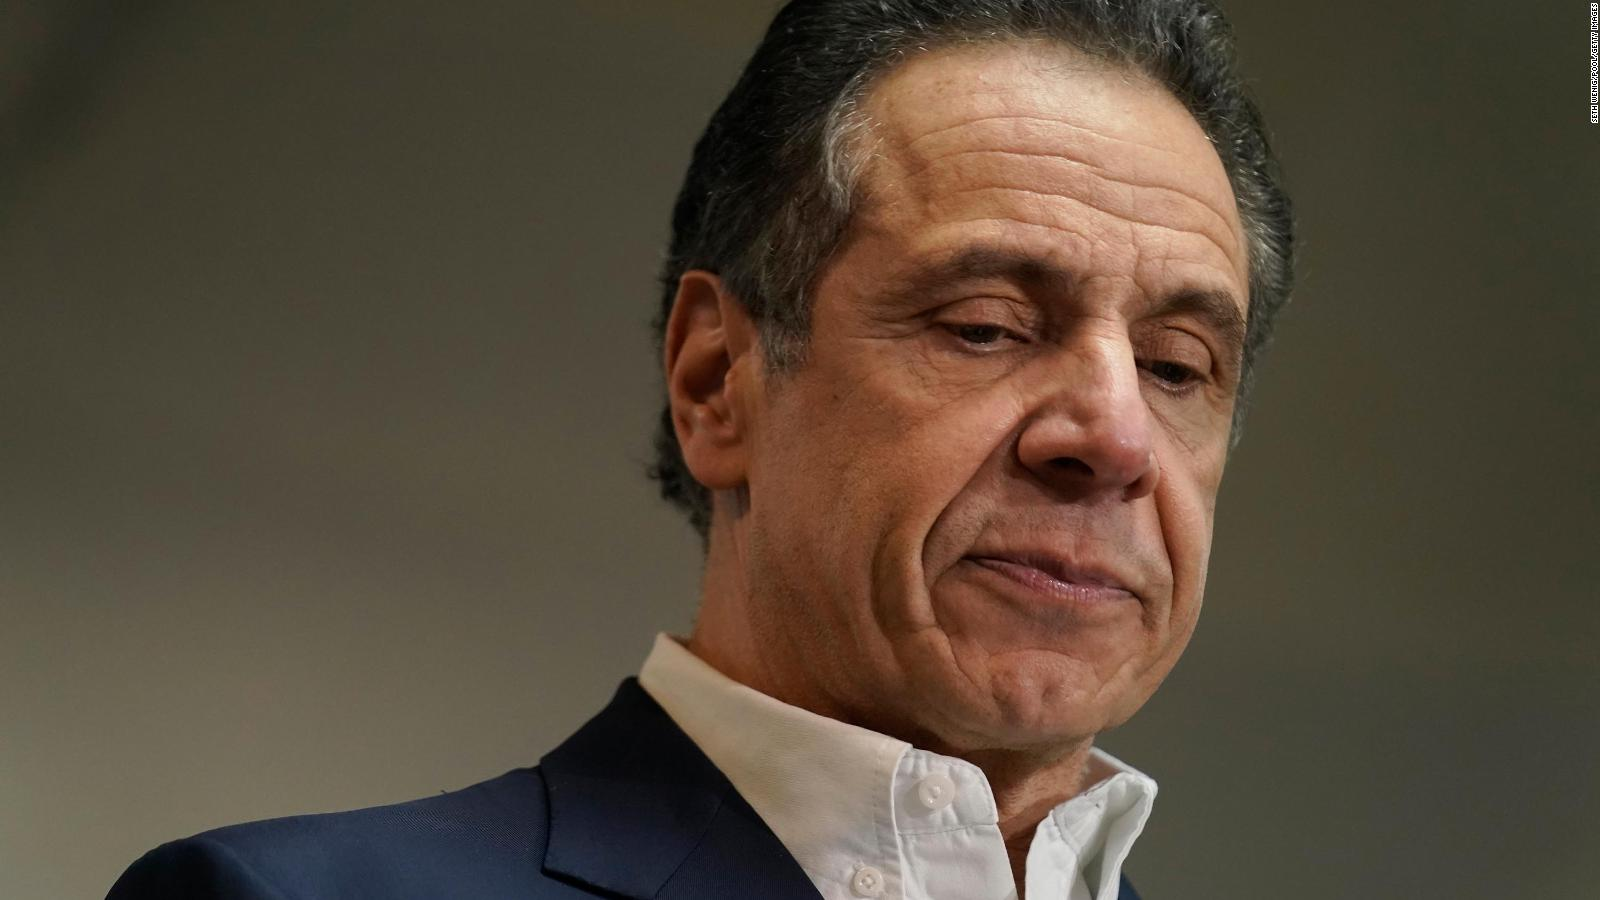 Andrew Cuomo, el gobernador de Nueva York que anunció su renuncia